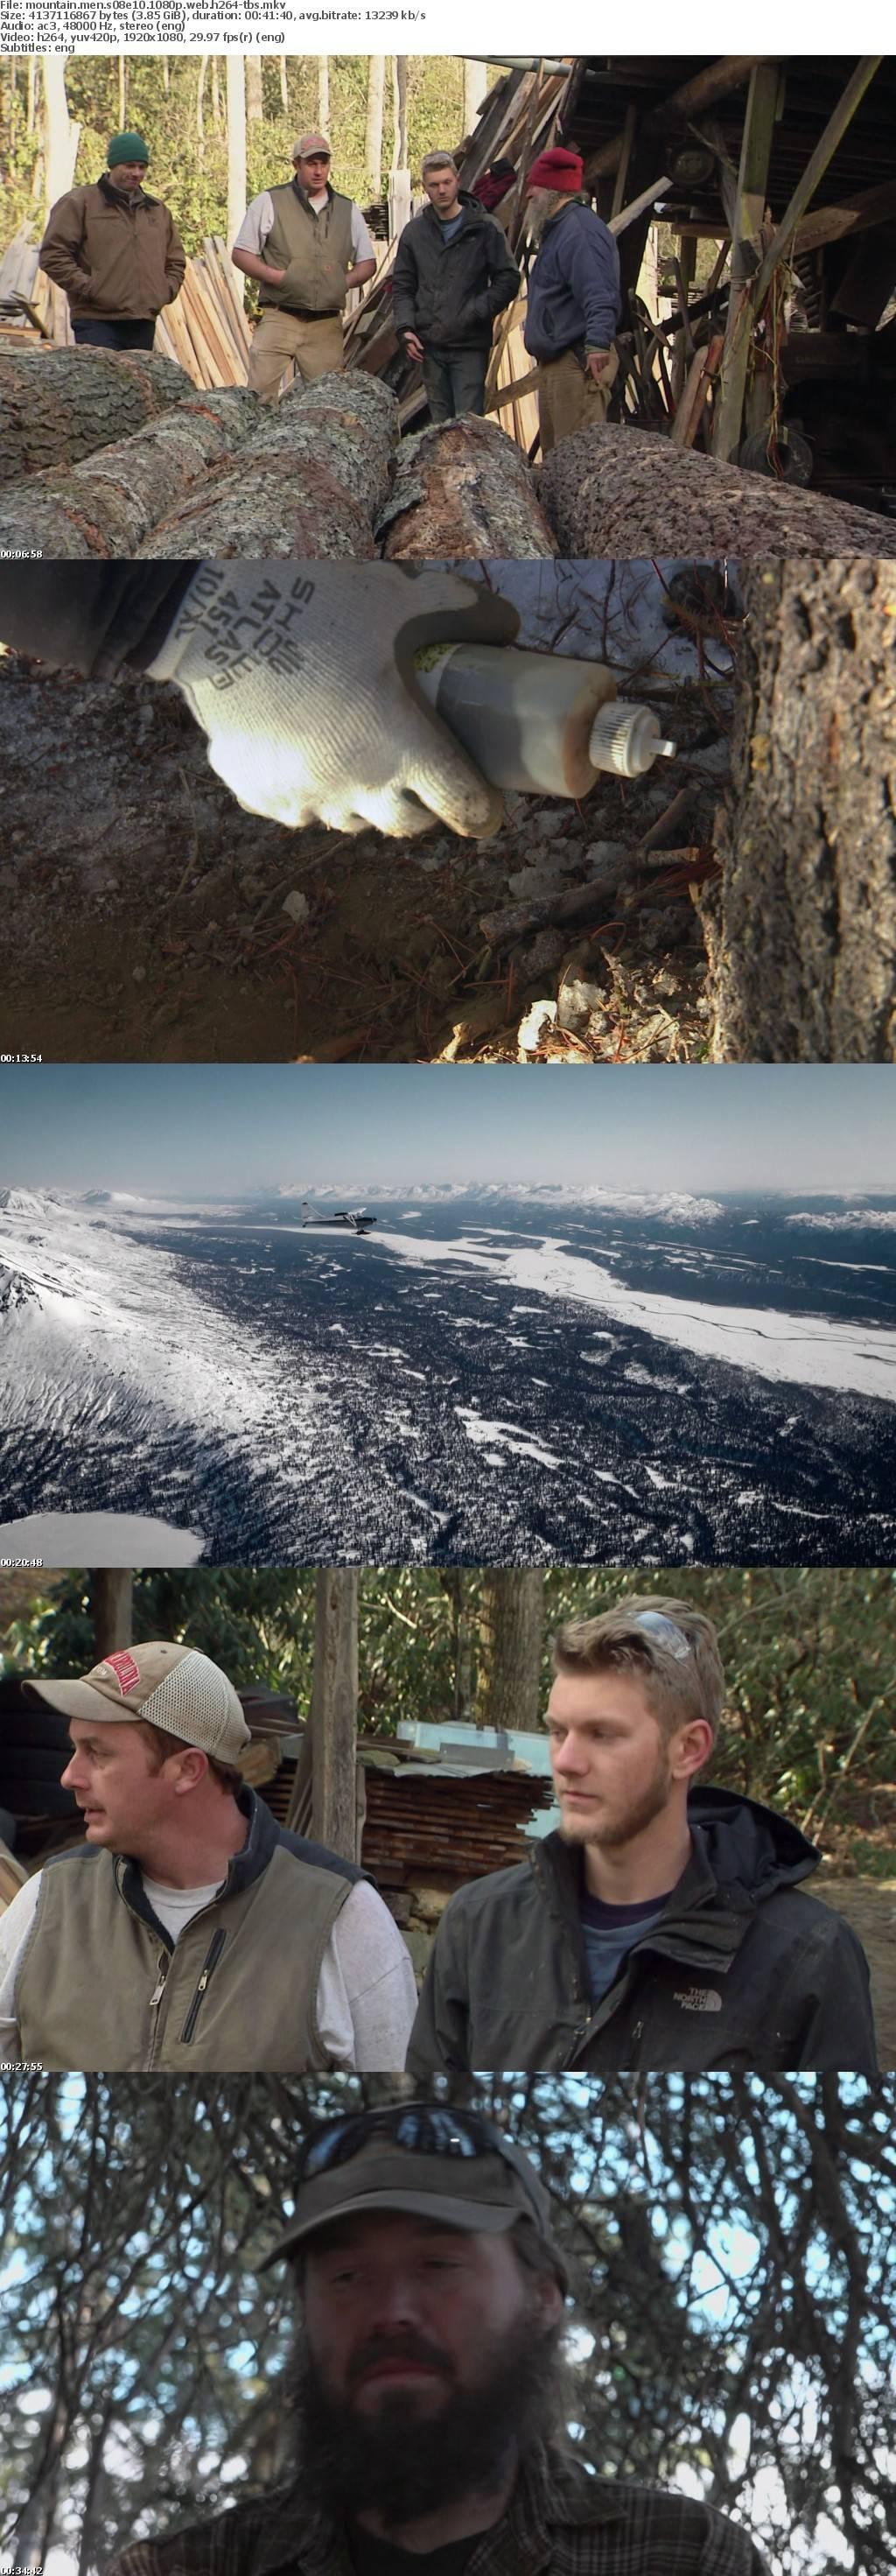 Mountain Men S08E10 1080p WEB h264-TBS